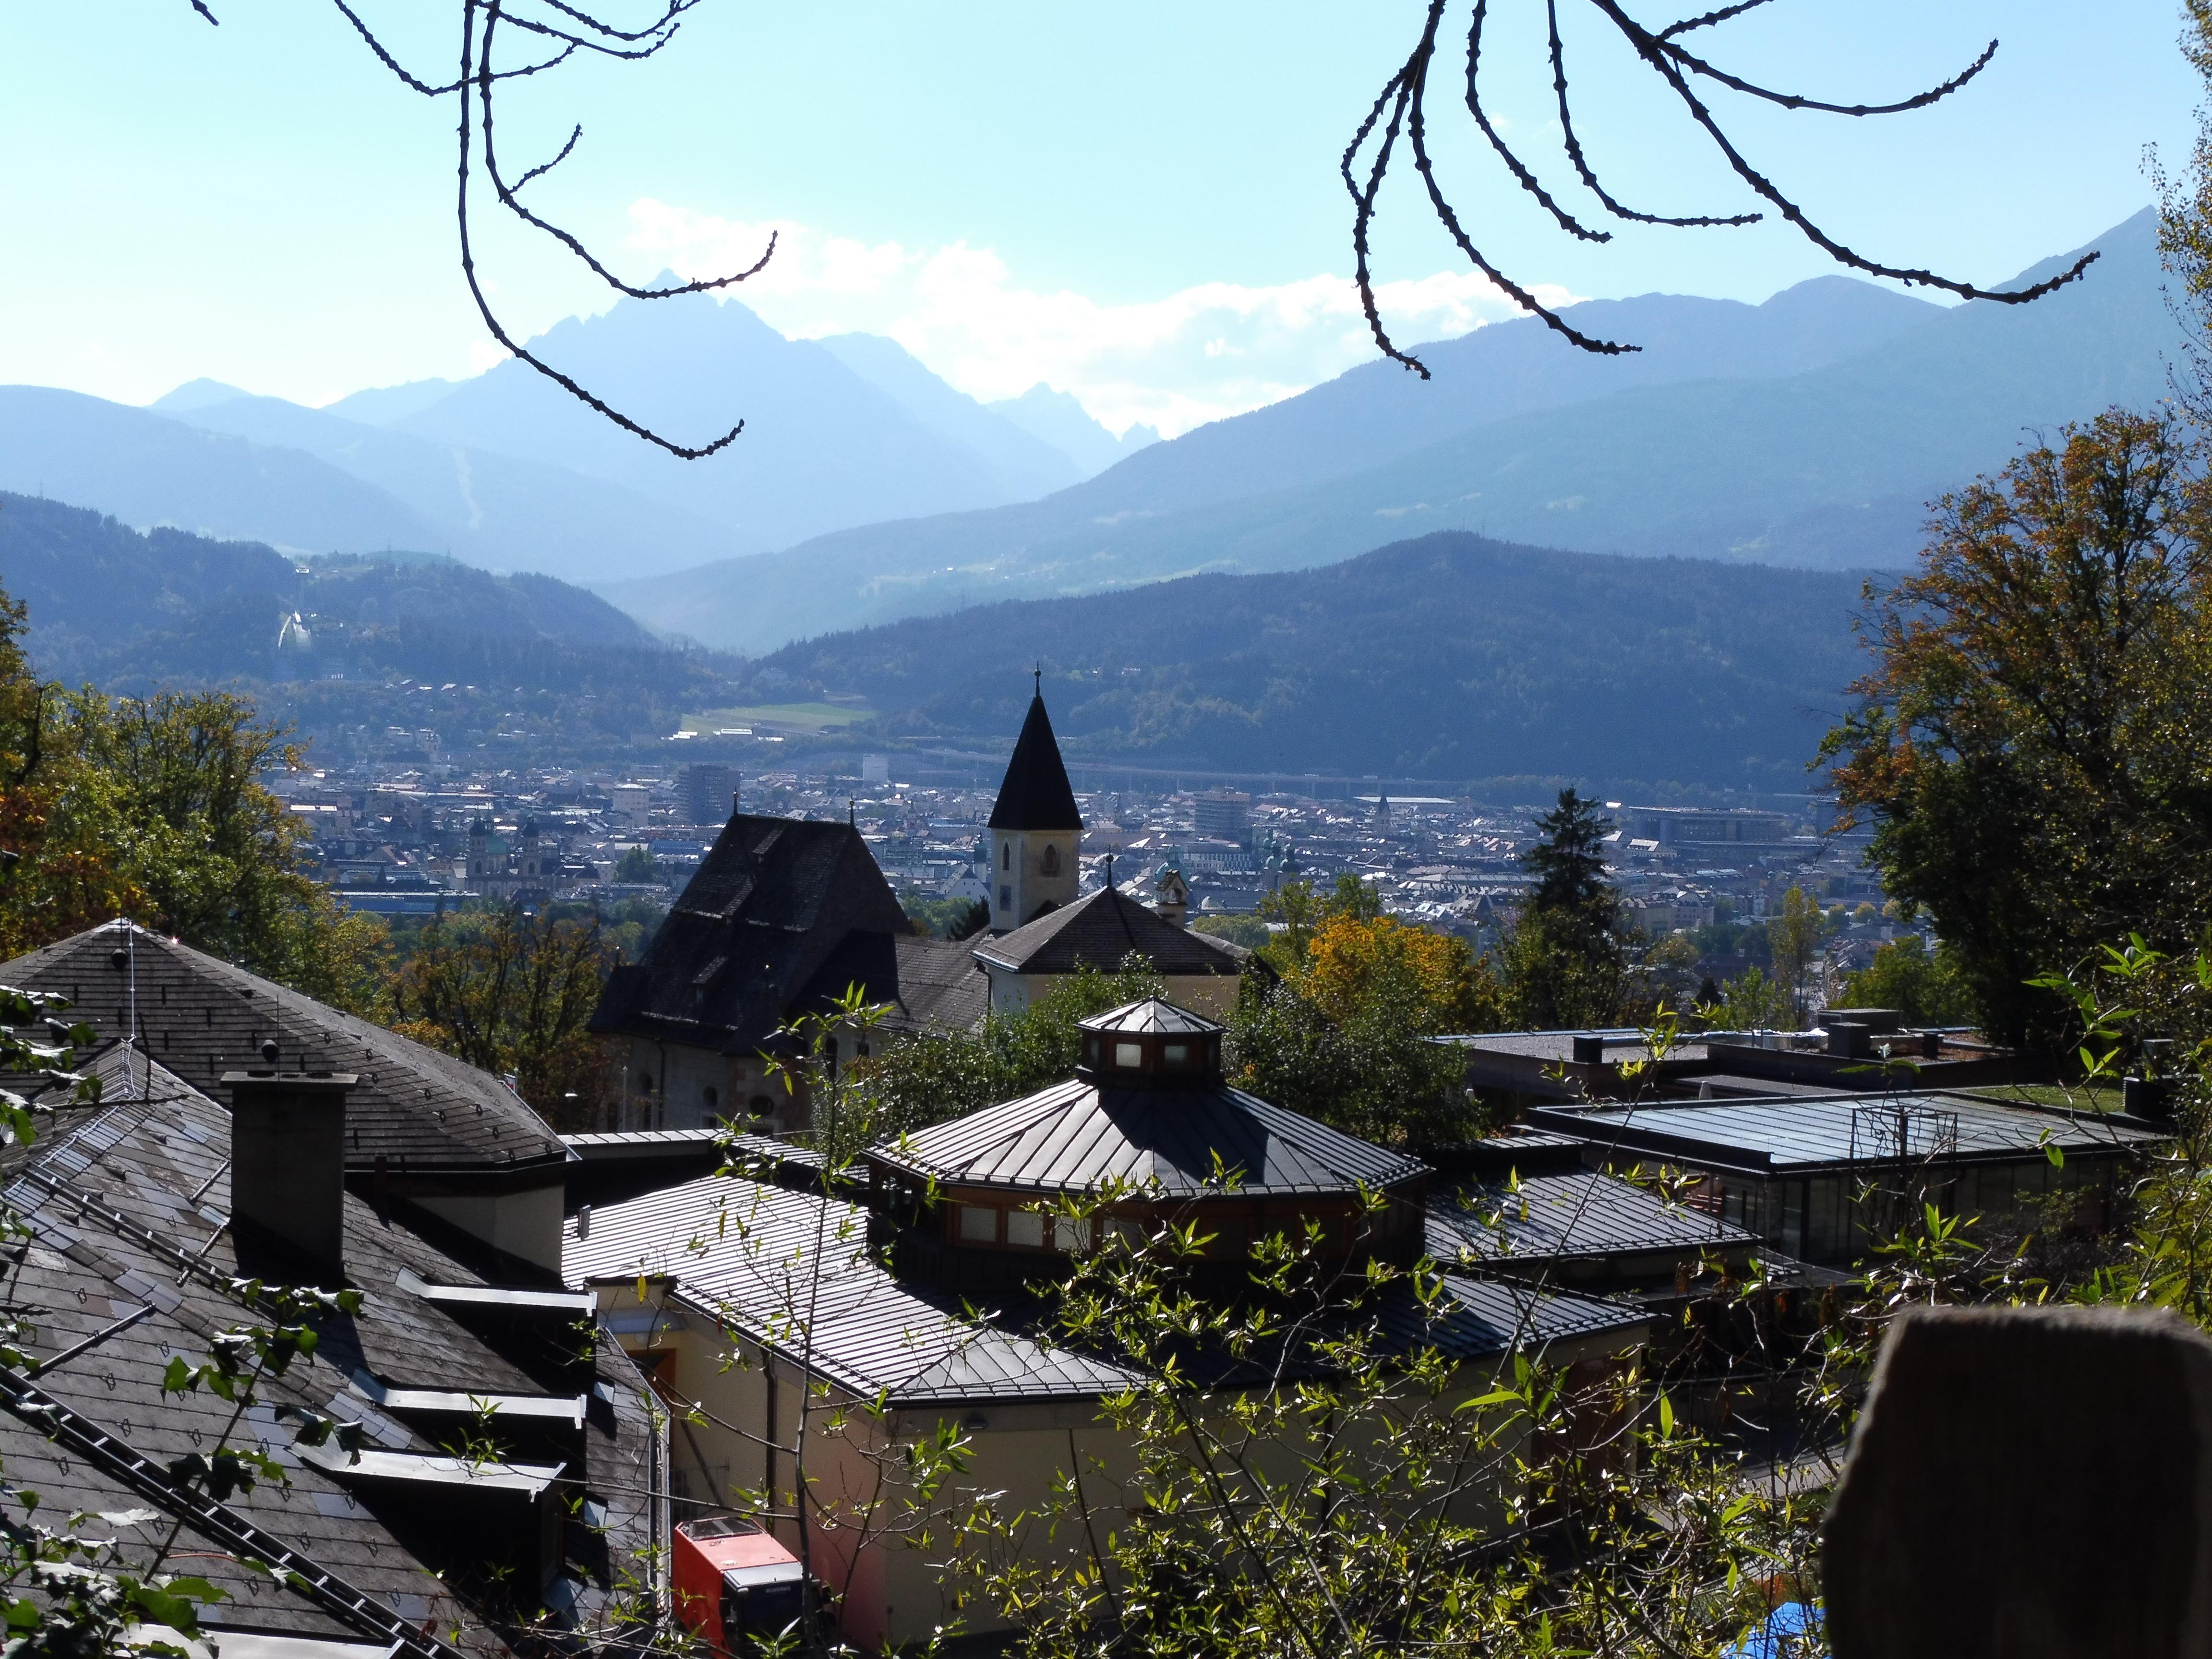 Ein wunderschöner Ausblick vom Alpenzoo auf Innsbruck